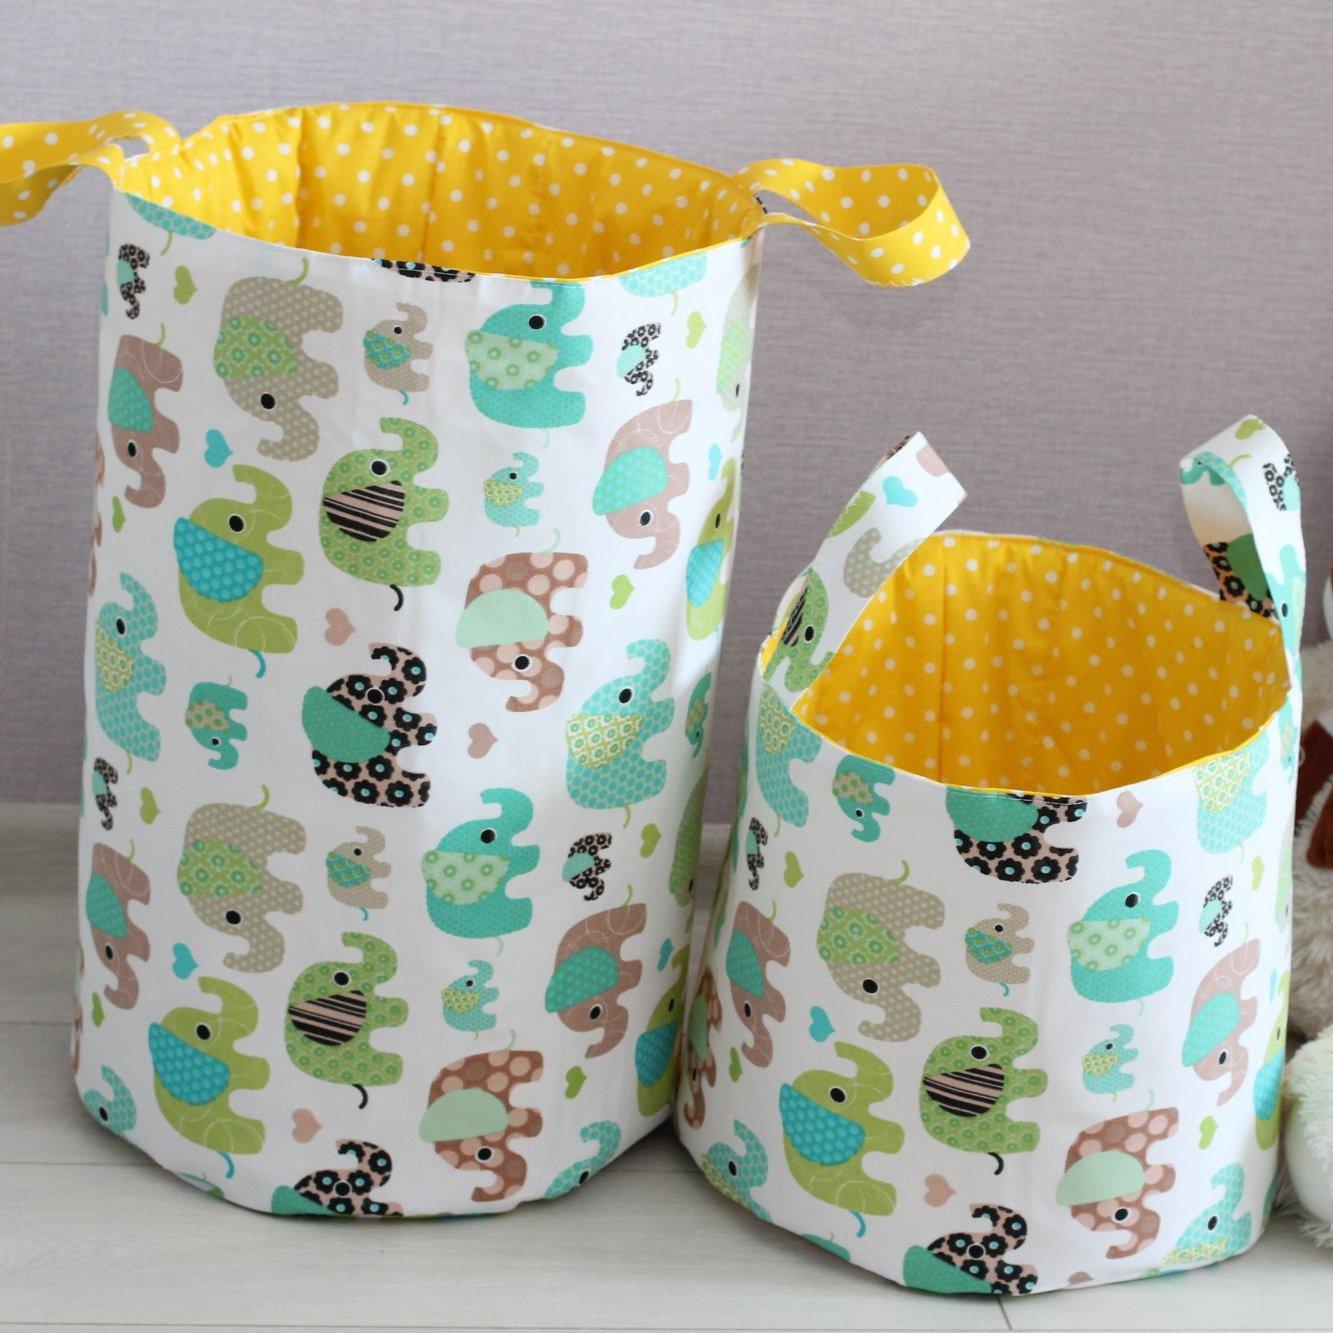 Каркас для корзины для игрушек своими руками